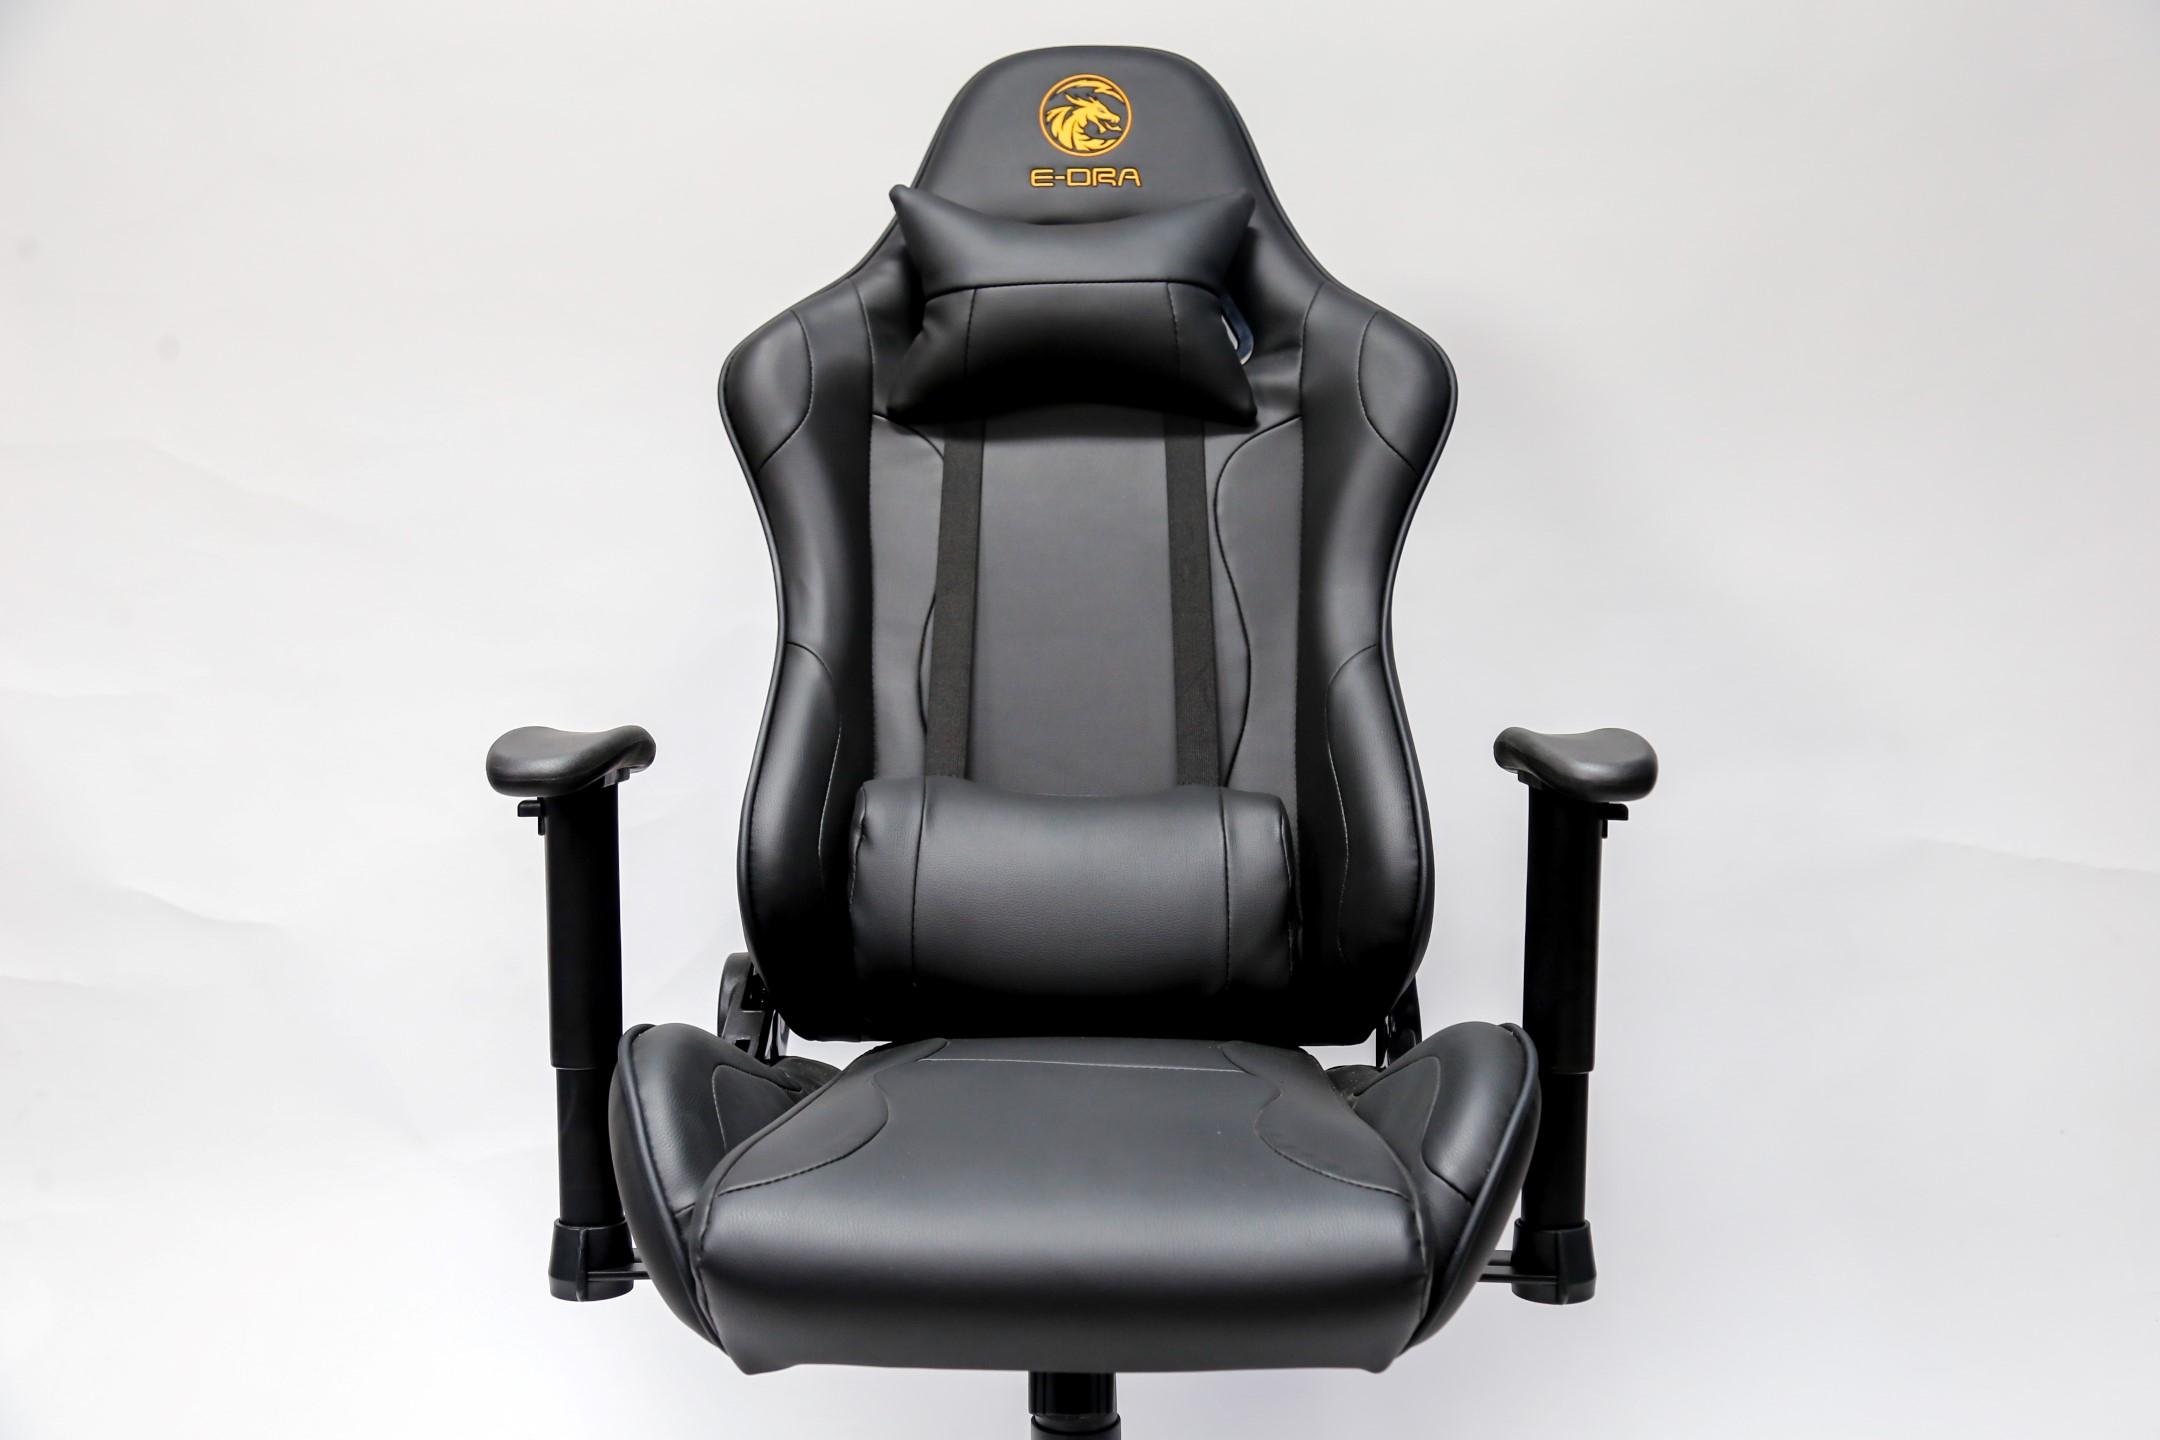 Ghế Game E-Dra Mars EGC202 Blue  trang bị chân ghế chắc chắn